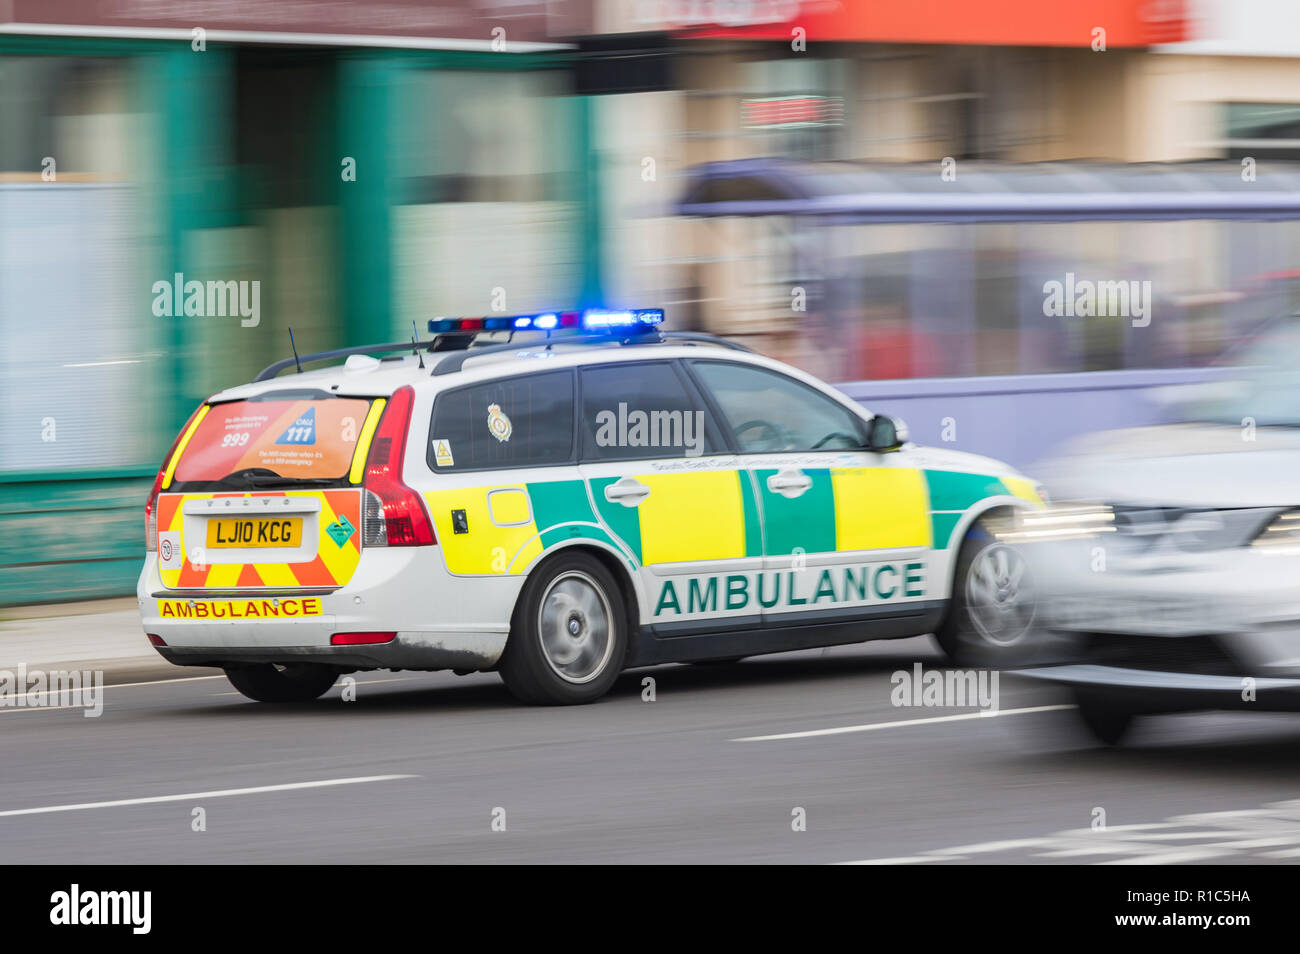 Réponse rapide Ambulance voiture avec feux bleus clignotants sur moyen d'appel d'urgence dans le West Sussex, Royaume-Uni. L'effet de flou. Photo Stock